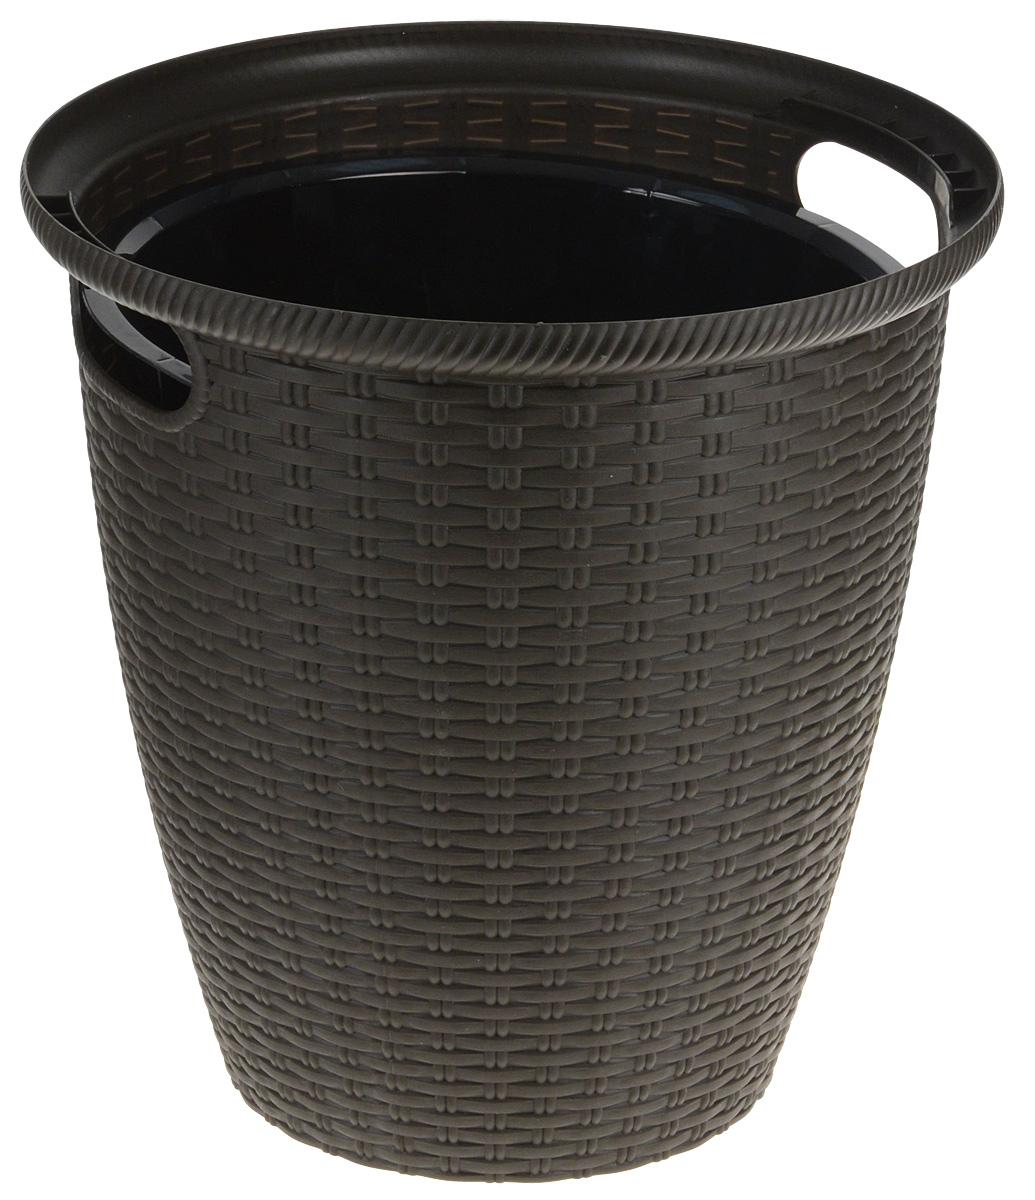 Кашпо InGreen Ротанг, напольное, цвет: темно-коричневый, 20 л стул tetchair ccr r 466apu t ротанг темно коричневый